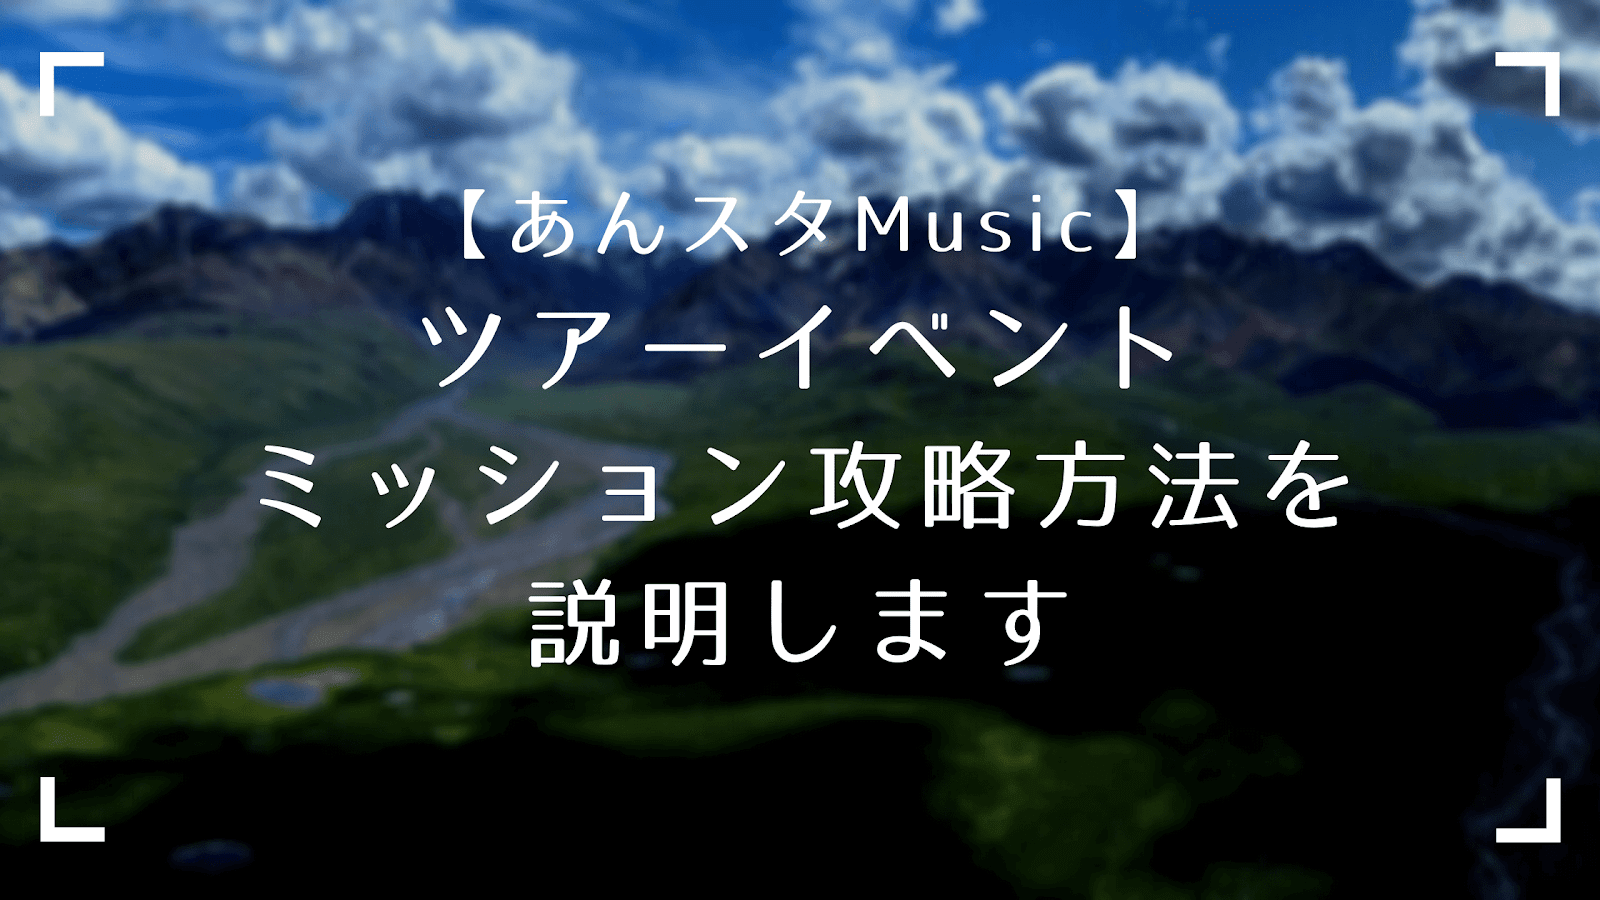 スタ music 攻略 あん イベント